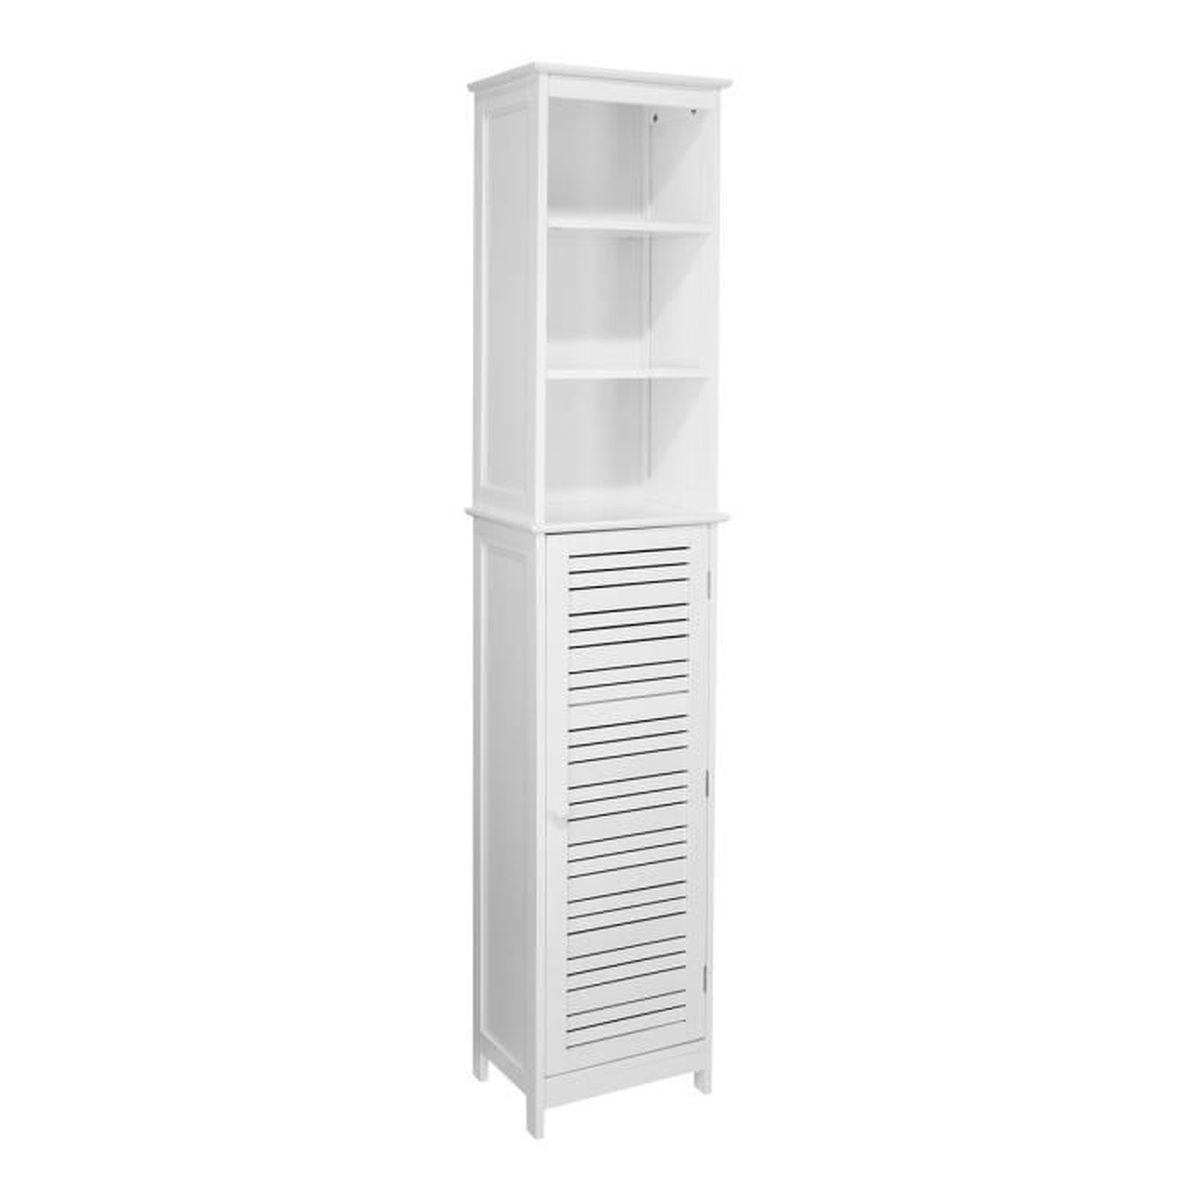 colonne de salle de bain de couleur blanc achat vente colonne armoire sdb colonne de salle. Black Bedroom Furniture Sets. Home Design Ideas